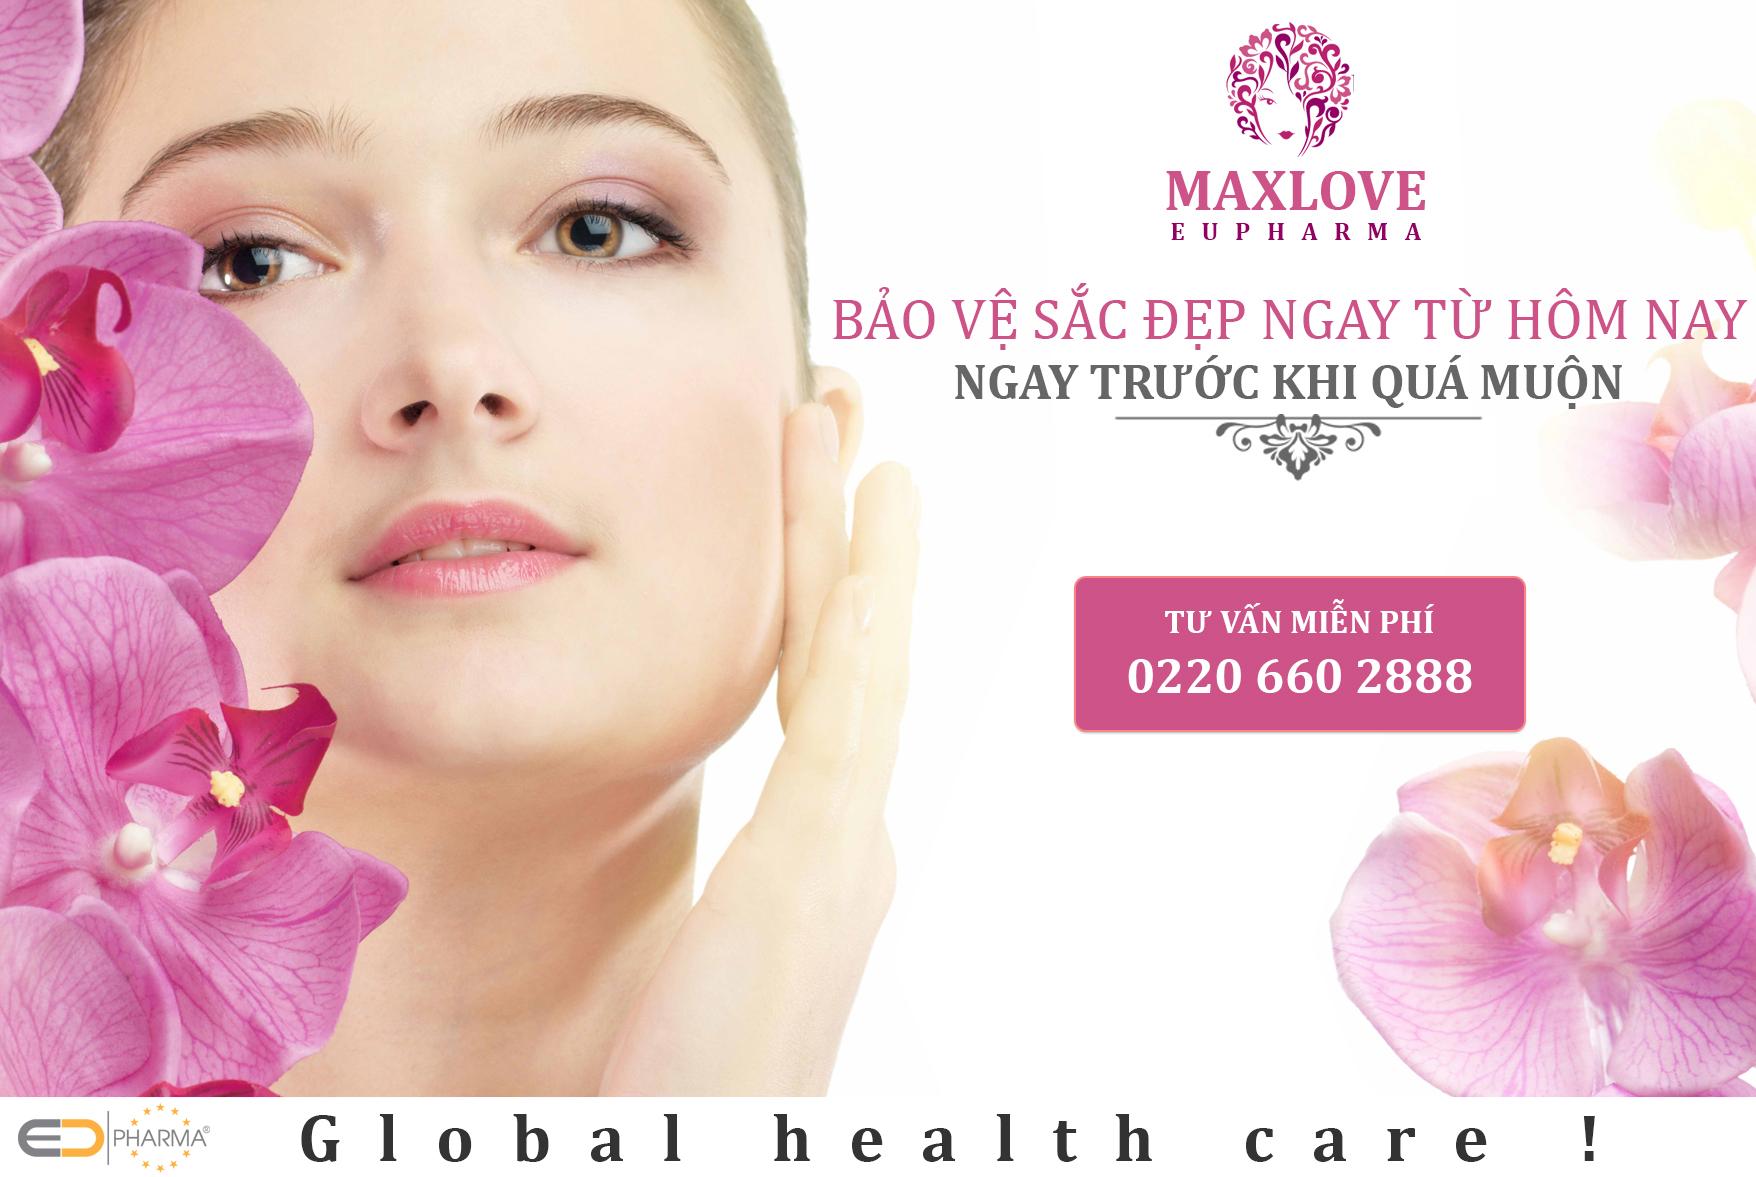 Maxlove -  1 sản phẩm hoàn hảo dành cho phụ nữ của EUPHARMA